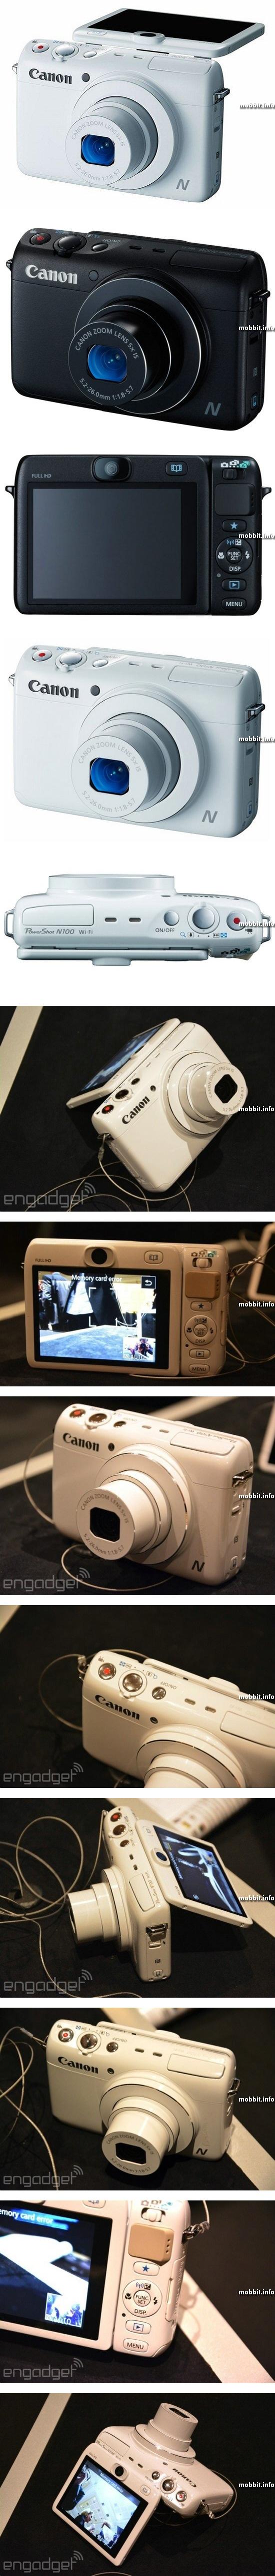 PowerShot N100